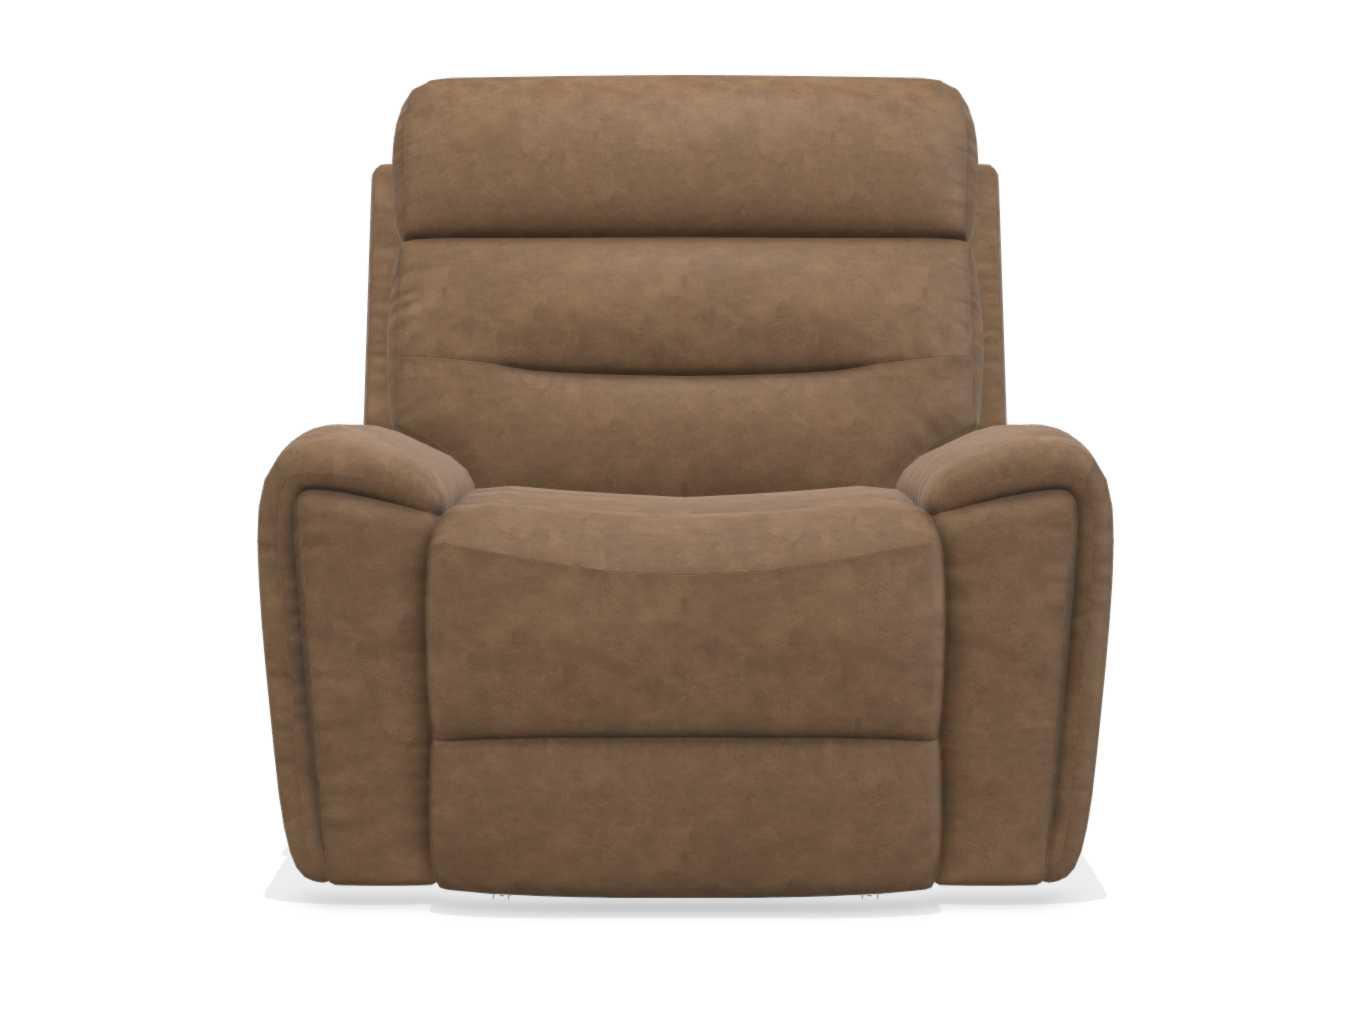 Soren Power Rocking Recliner w/ Headrest and Lumbar